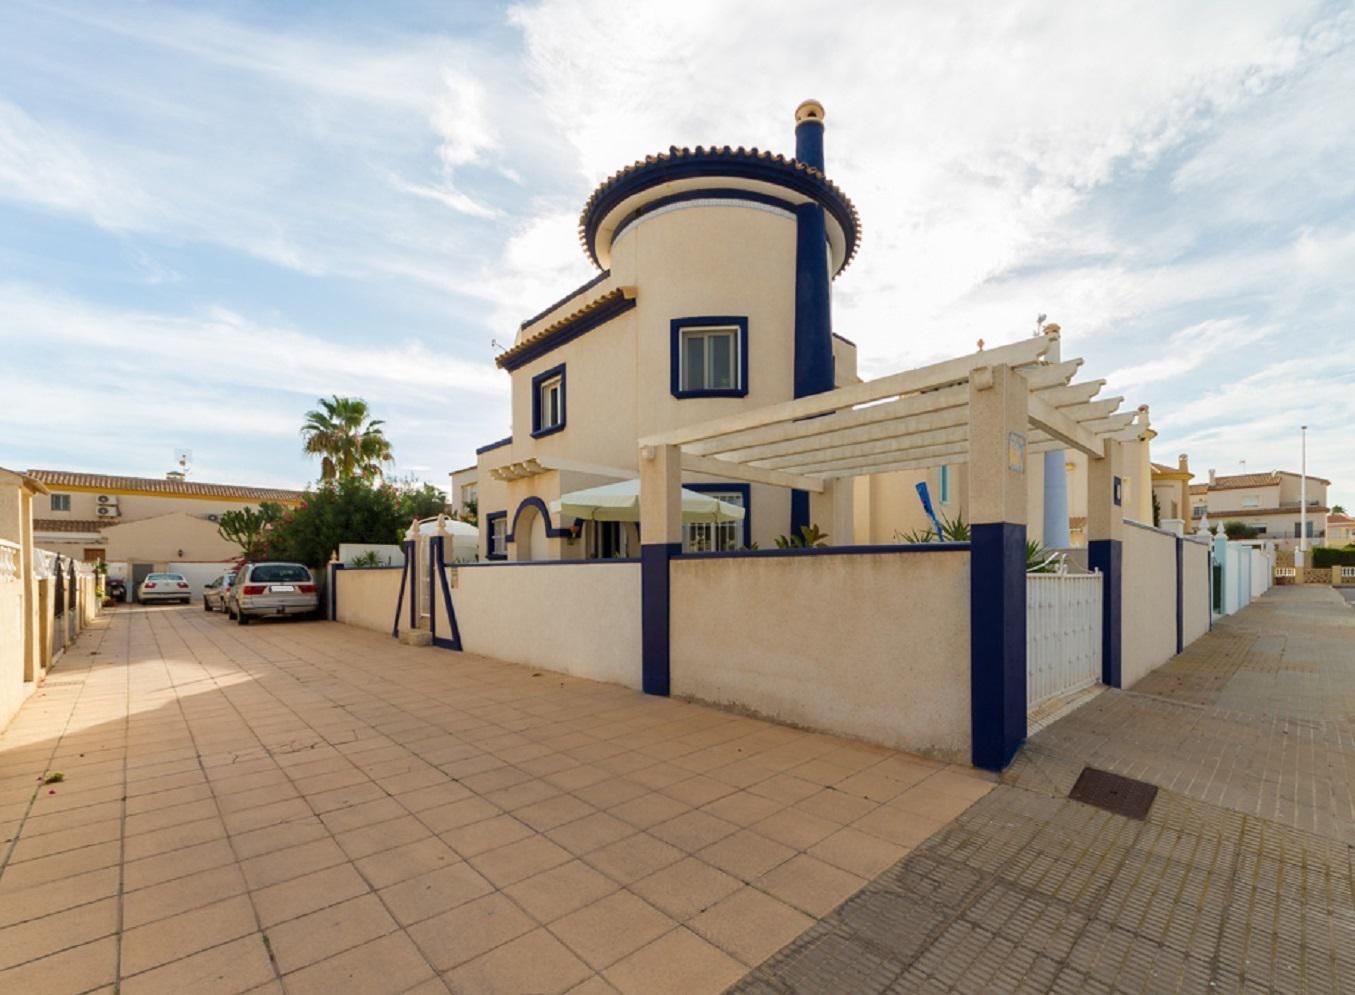 Dom v Oriuela Kosta u morya okolo plyazha La Zenia - N3583 - vikmar-realty.ru